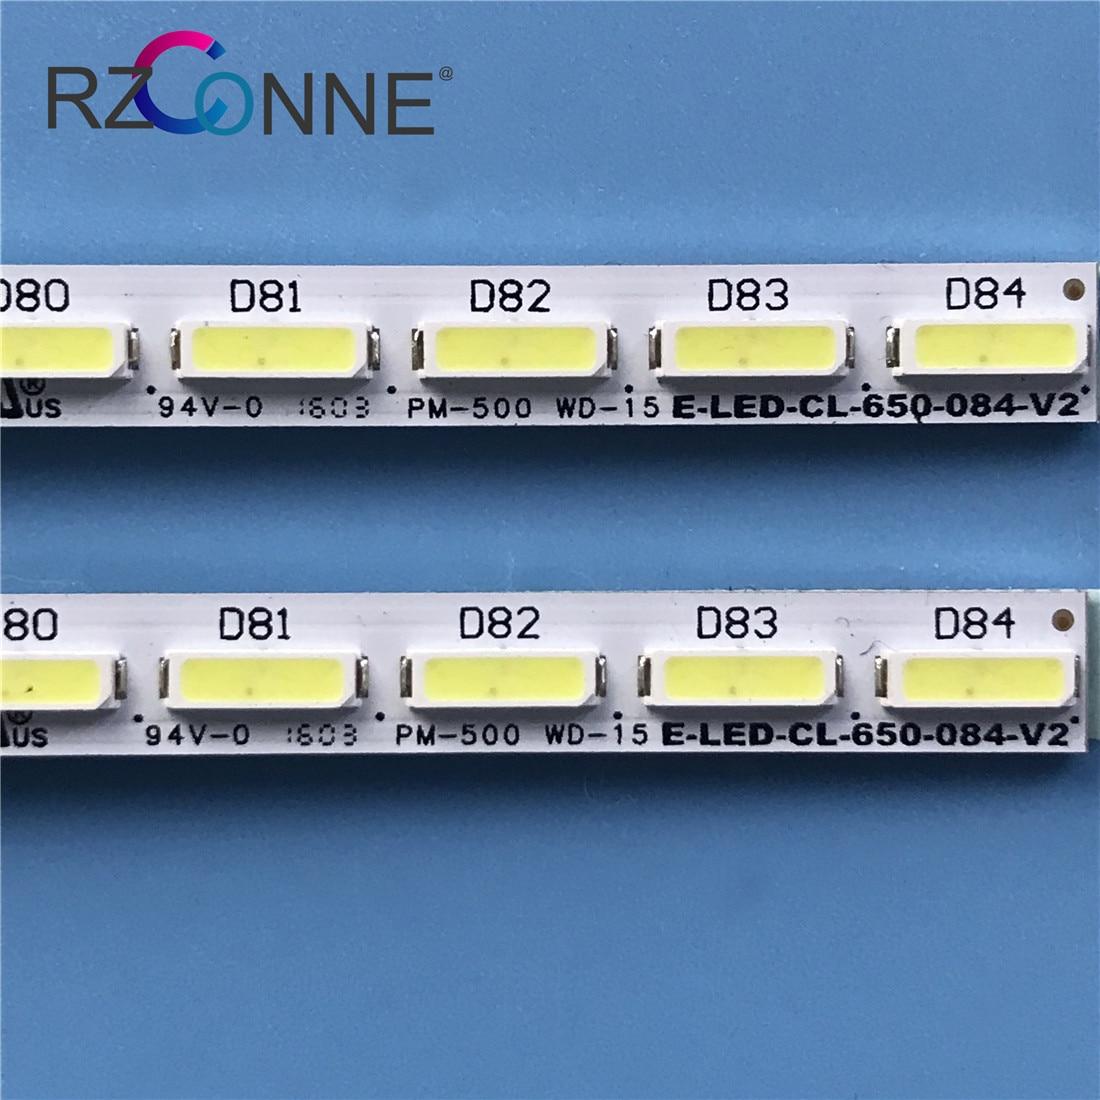 LED Backlight strip 84leds For Philips 65'' TV E-LED-CL-650-084-V2 10024611-a0 65pus6521/12 65PUS7101/12 TPT650UA-QVN04.U